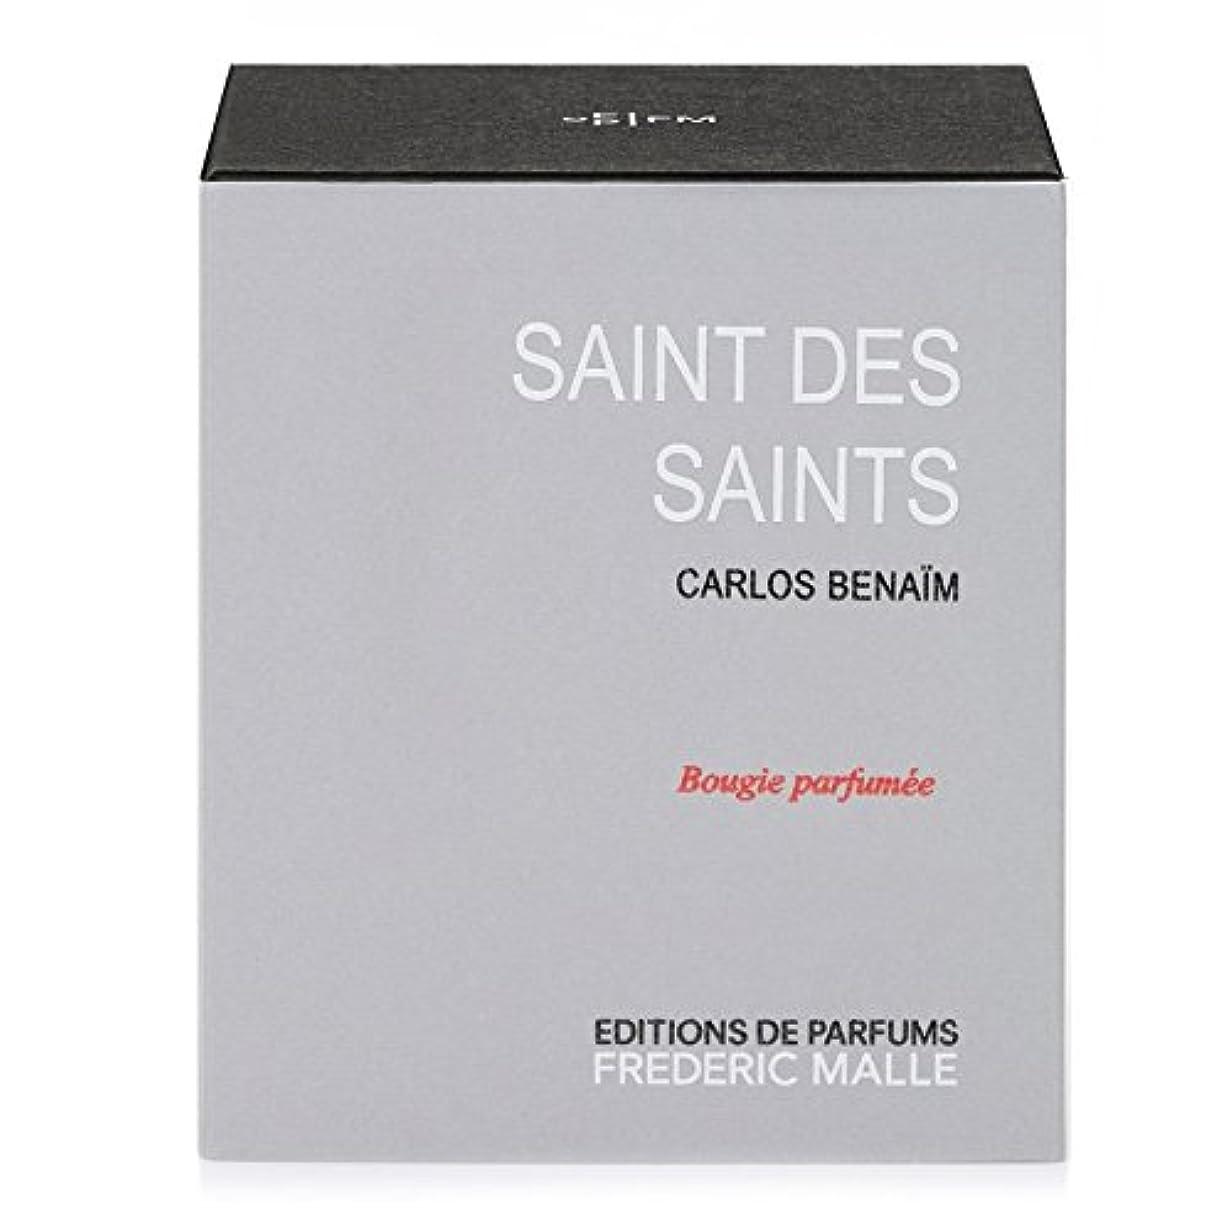 ソケットブルーベル逆にフレデリック?マル聖人デ聖人の香りのキャンドル220グラム x6 - Frederic Malle Saint Des Saints Scented Candle 220g (Pack of 6) [並行輸入品]